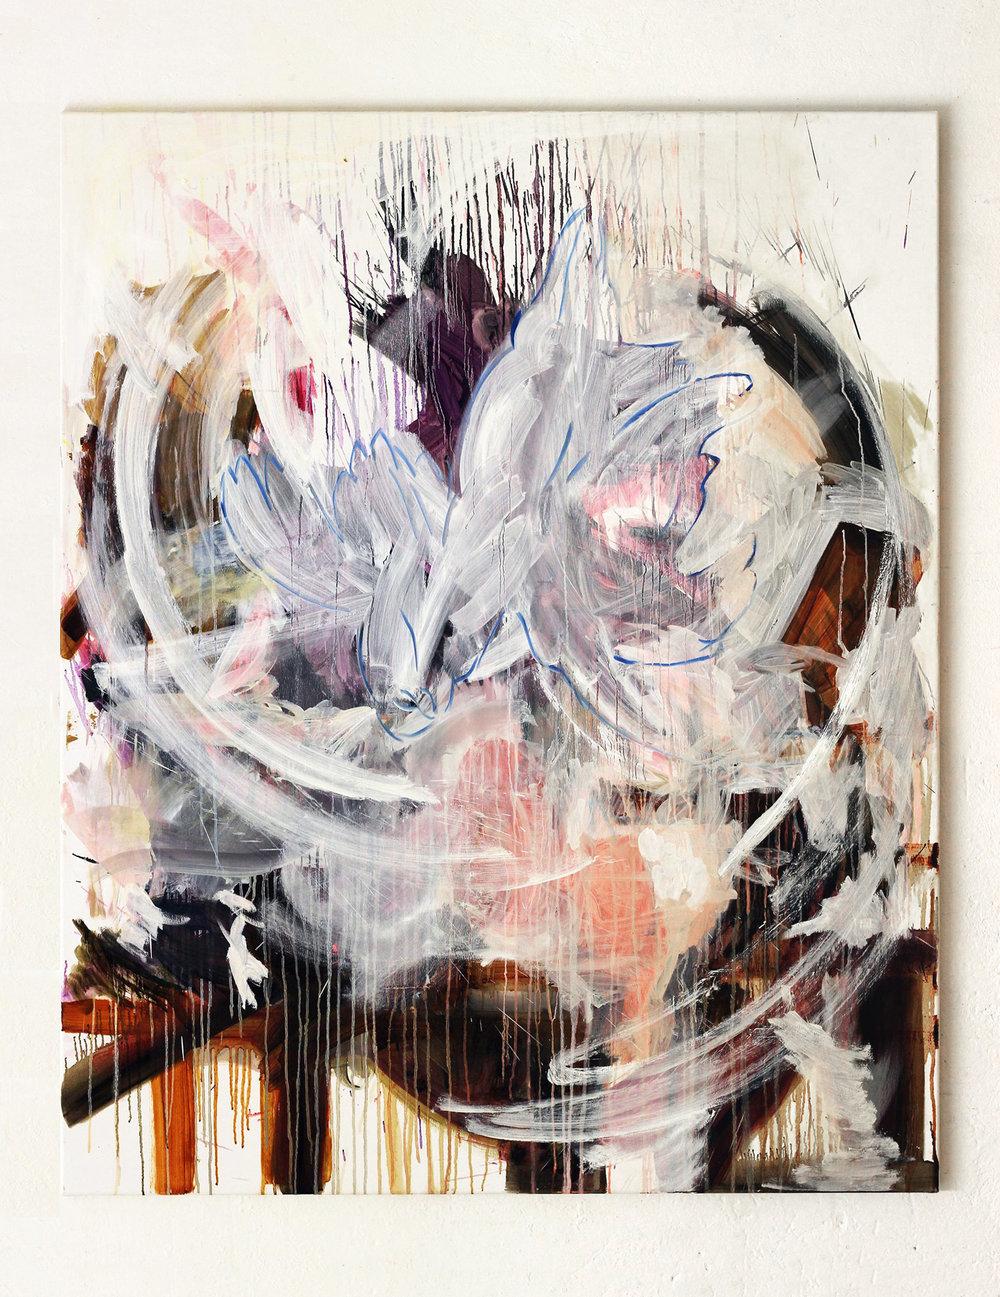 AWOL, oil on canvas, 150 x 140 cm